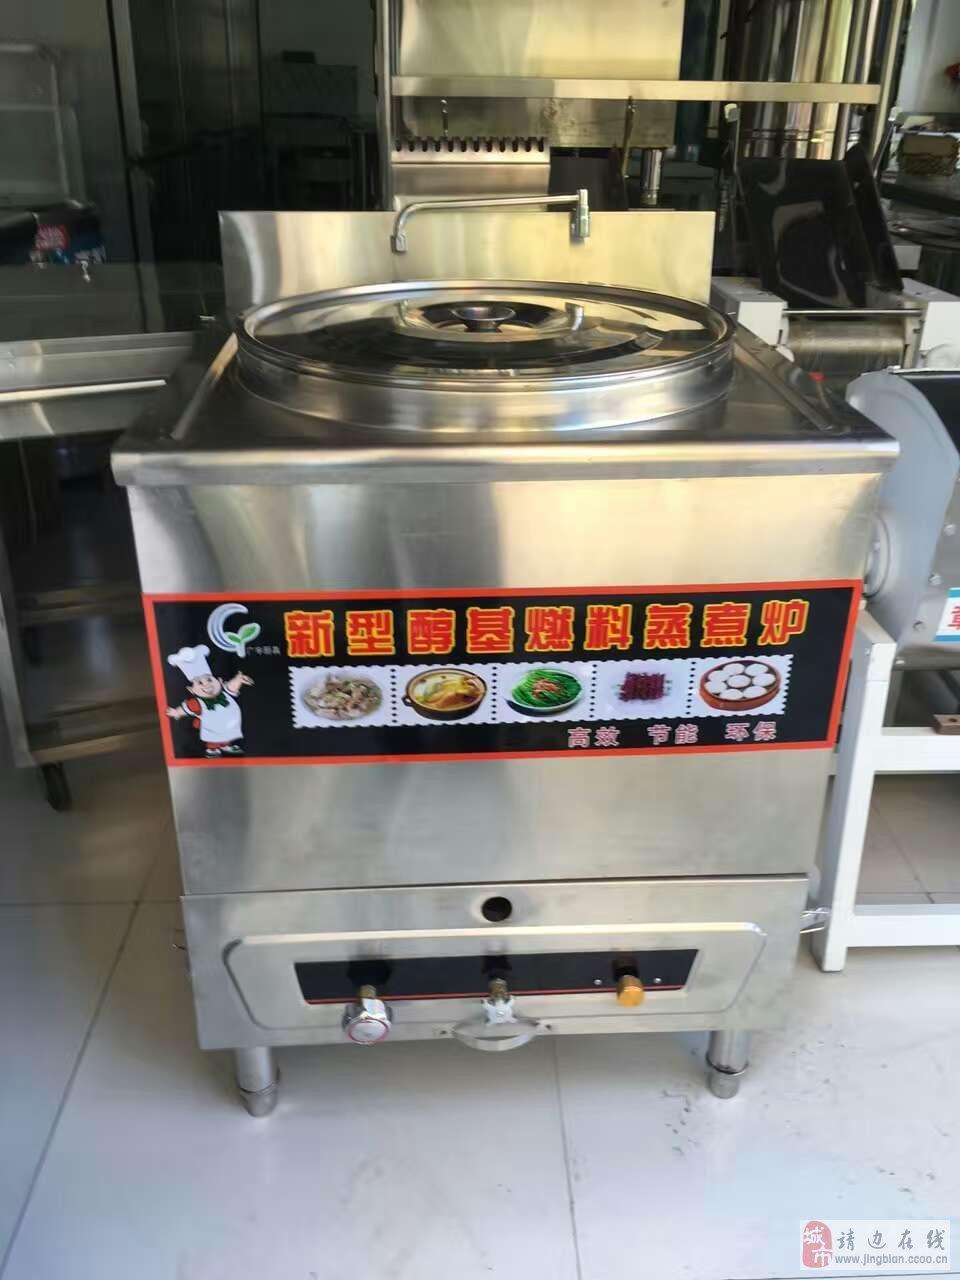 电磁炉低汤灶-电磁炉低汤灶批发、促销价格、产地货源 - 阿里巴巴